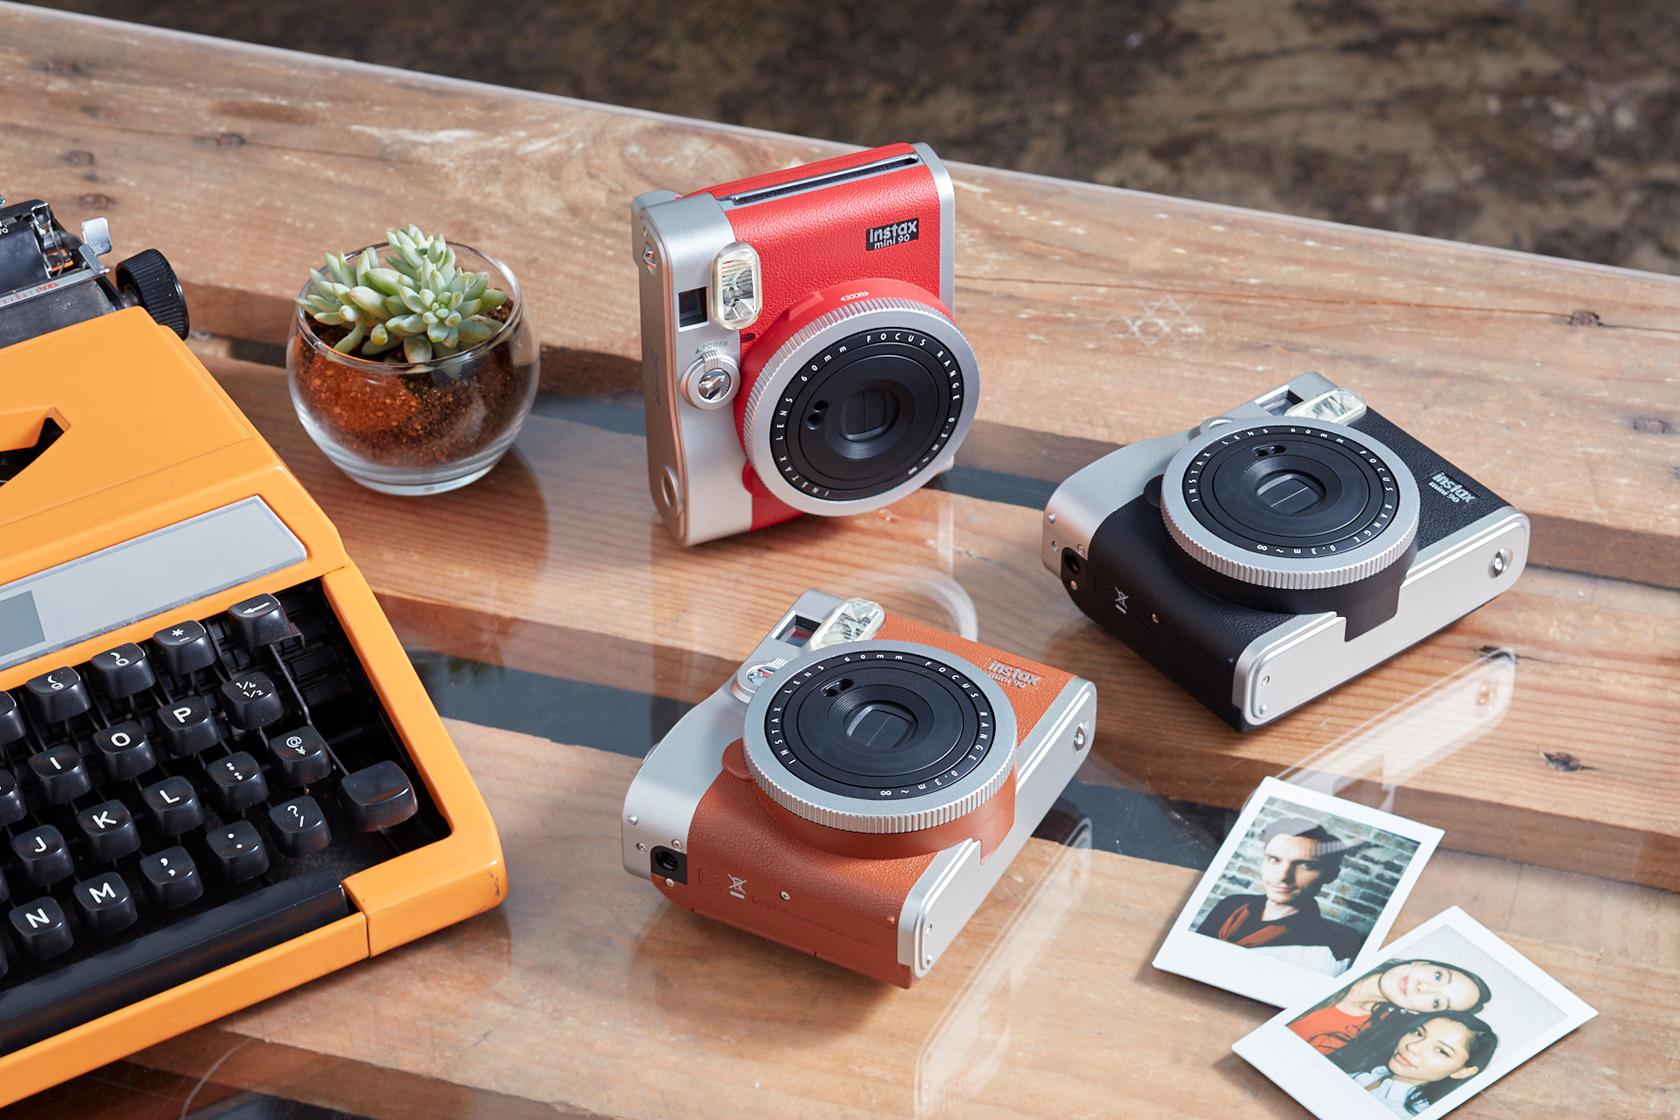 Trois appareils photo mini 90de couleurs différentes avec deux photos et une machine à écrire sur une table